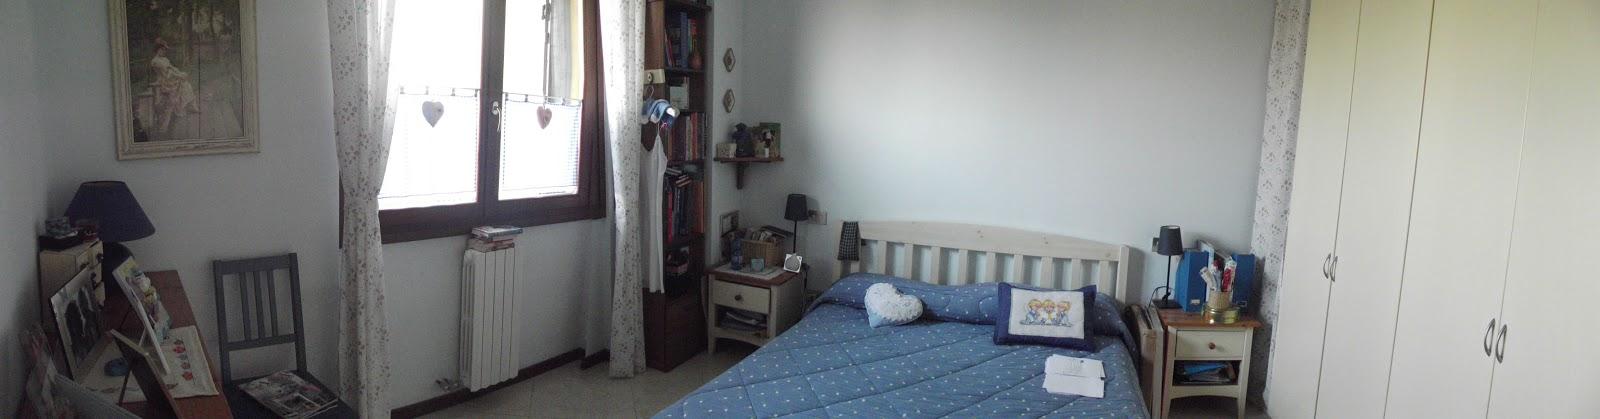 A country dreaming mum la mia camera da letto for Mensola sopra letto